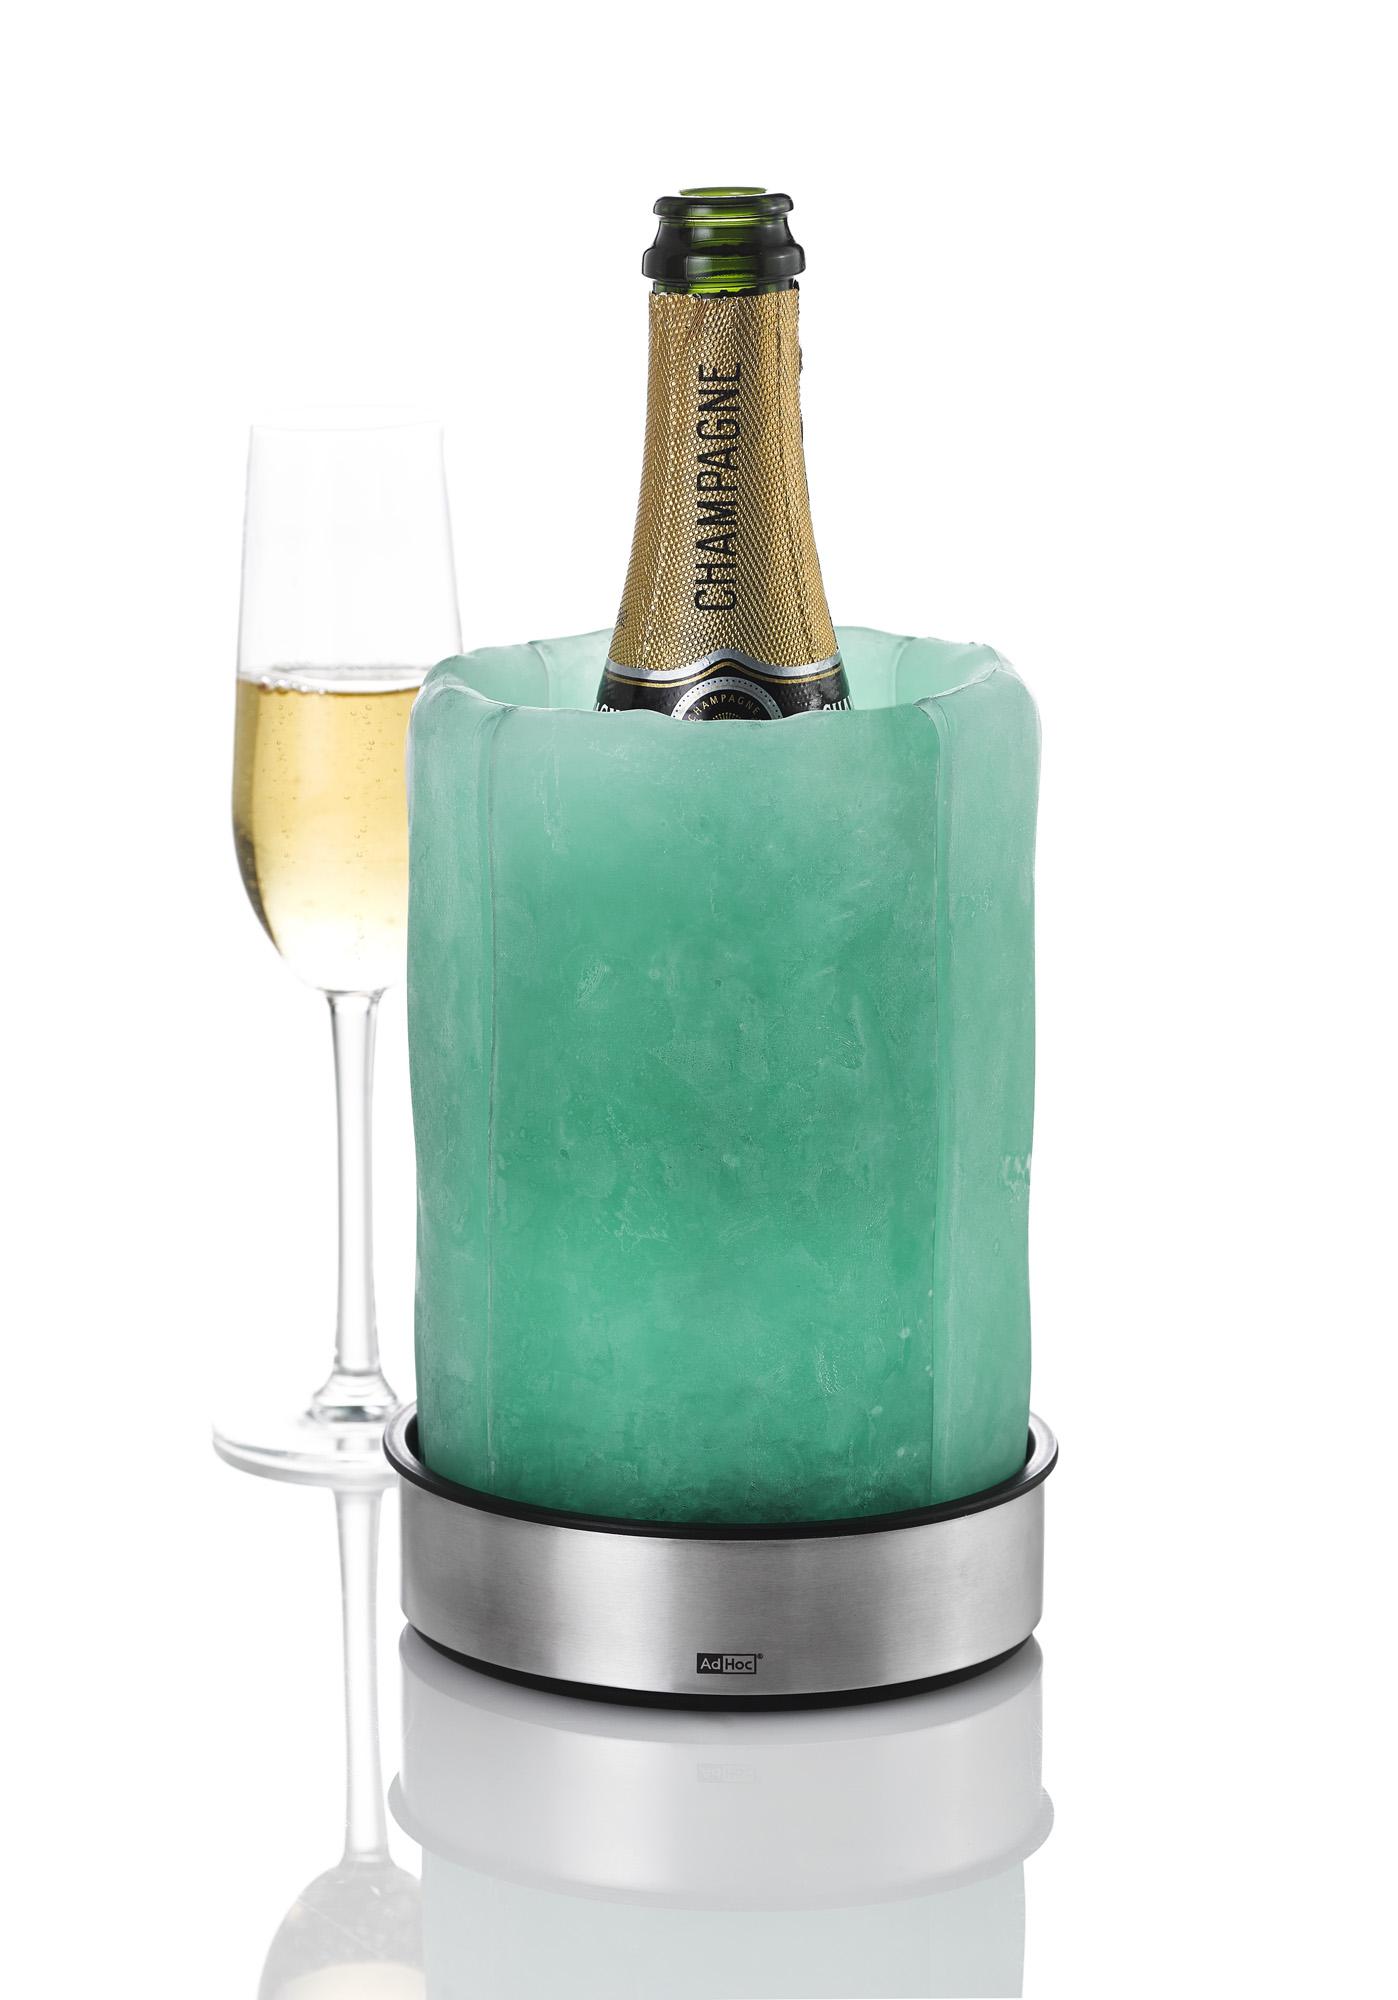 Adhoc Chladič na víno s gelem ICEBLOCK. Dárky k objednávkám, více než 2 000 výdejních míst a 30 dní na vrácení zboží. To vše vám zpříjemní nákup v designovém eshopu Domio.